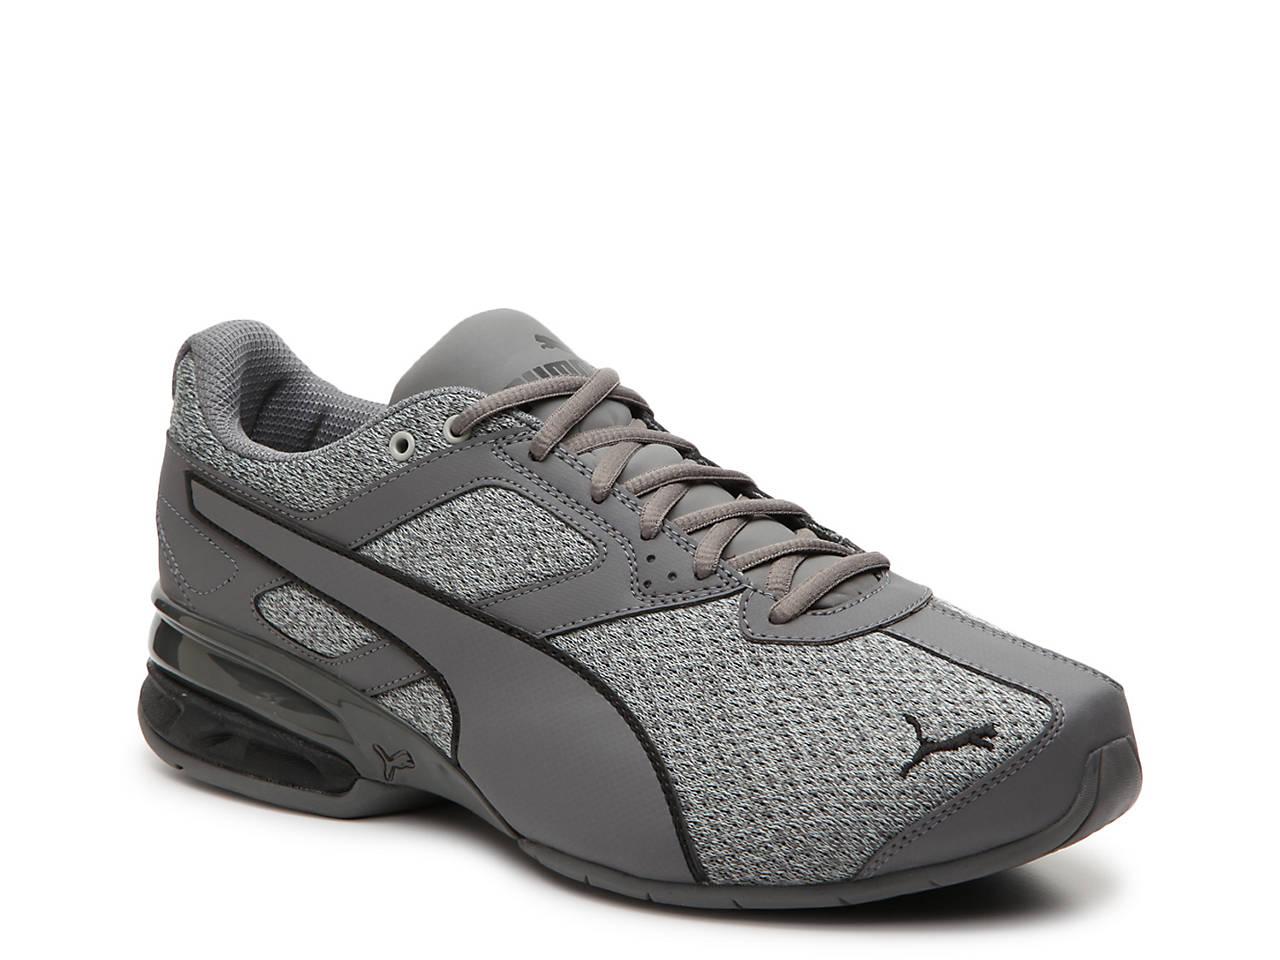 Puma Tazon 6 Sneaker - Men s Men s Shoes  1c5f45a9f